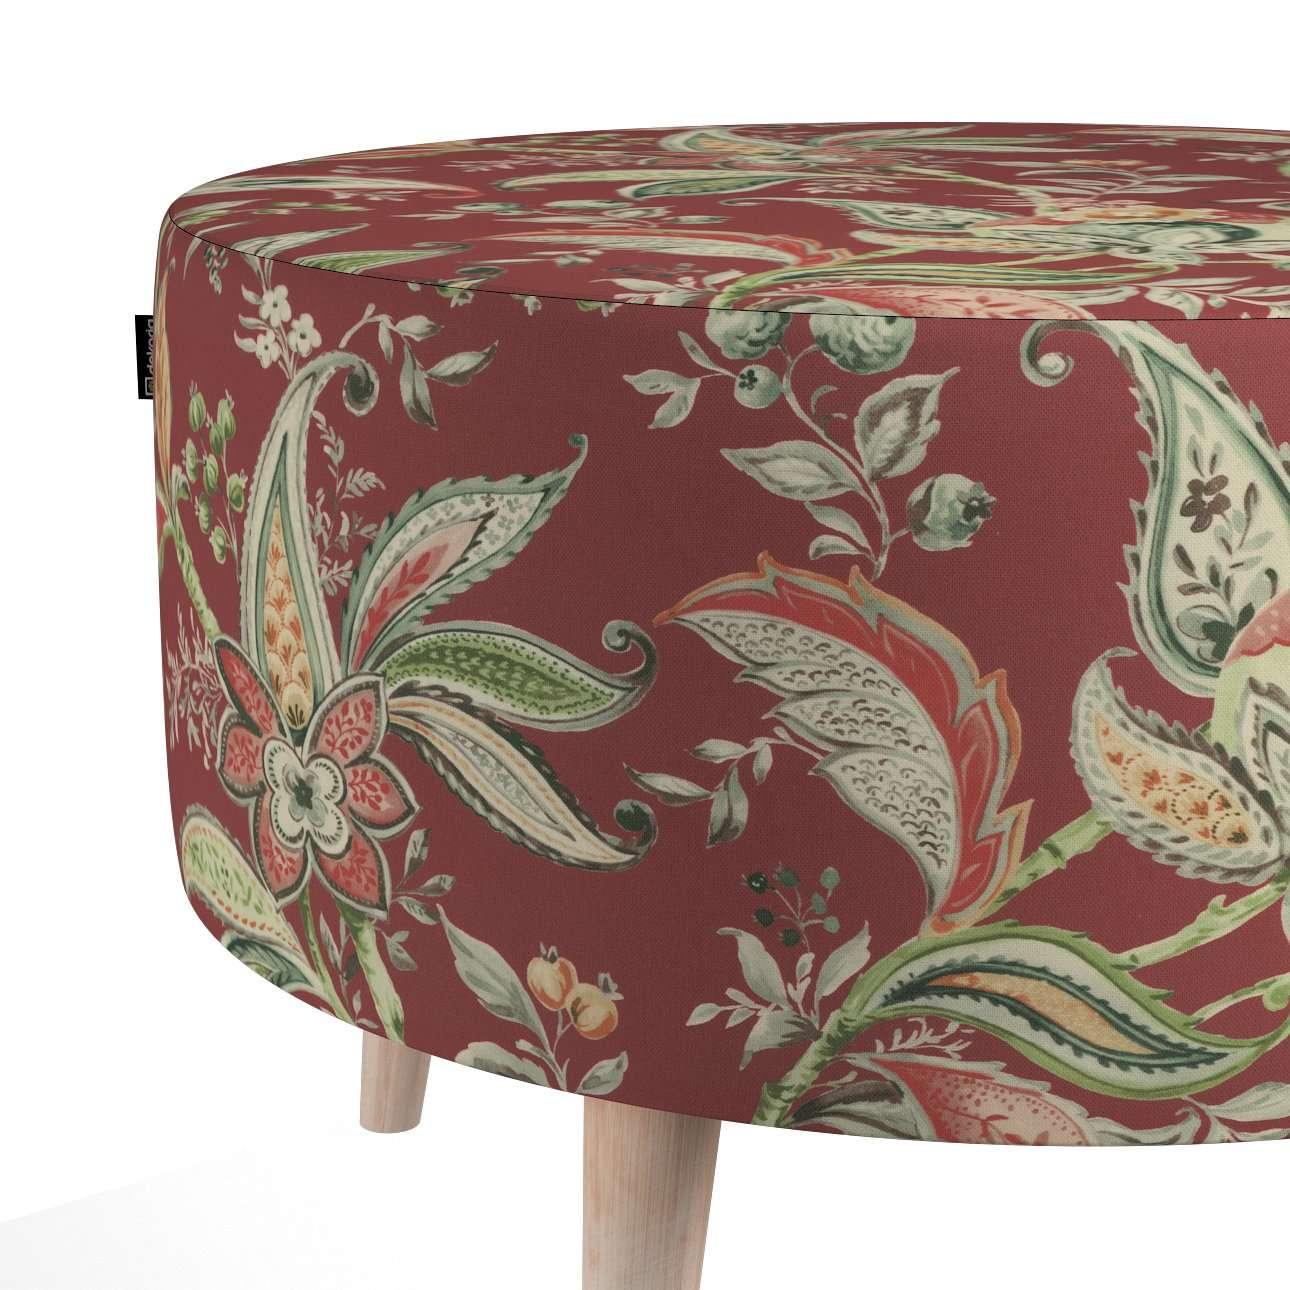 Podnóżek okrągły natural w kolekcji Gardenia, tkanina: 142-12